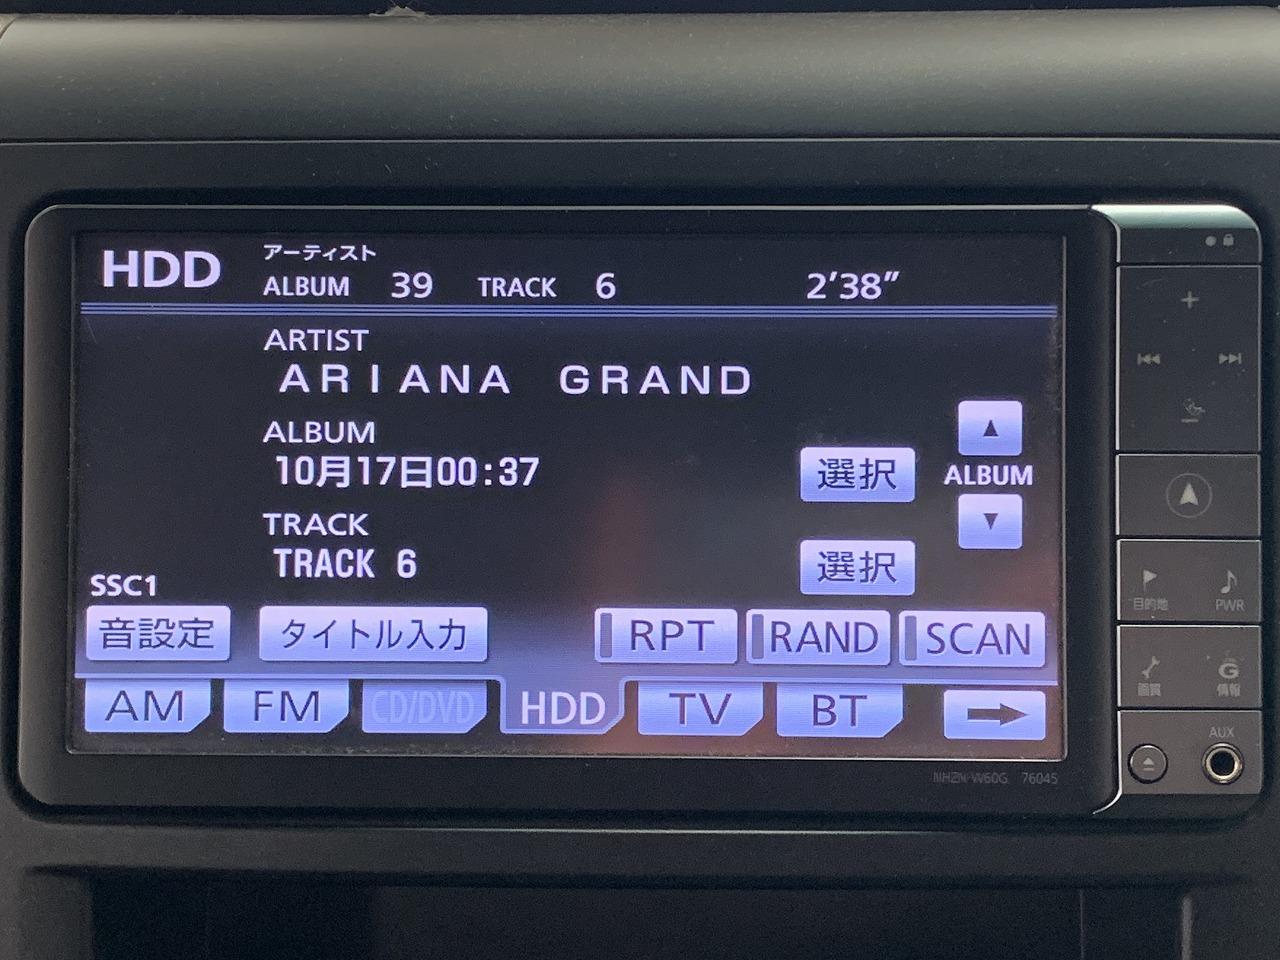 HDDナビ ラジオ テレビ Bluetooth接続可能!